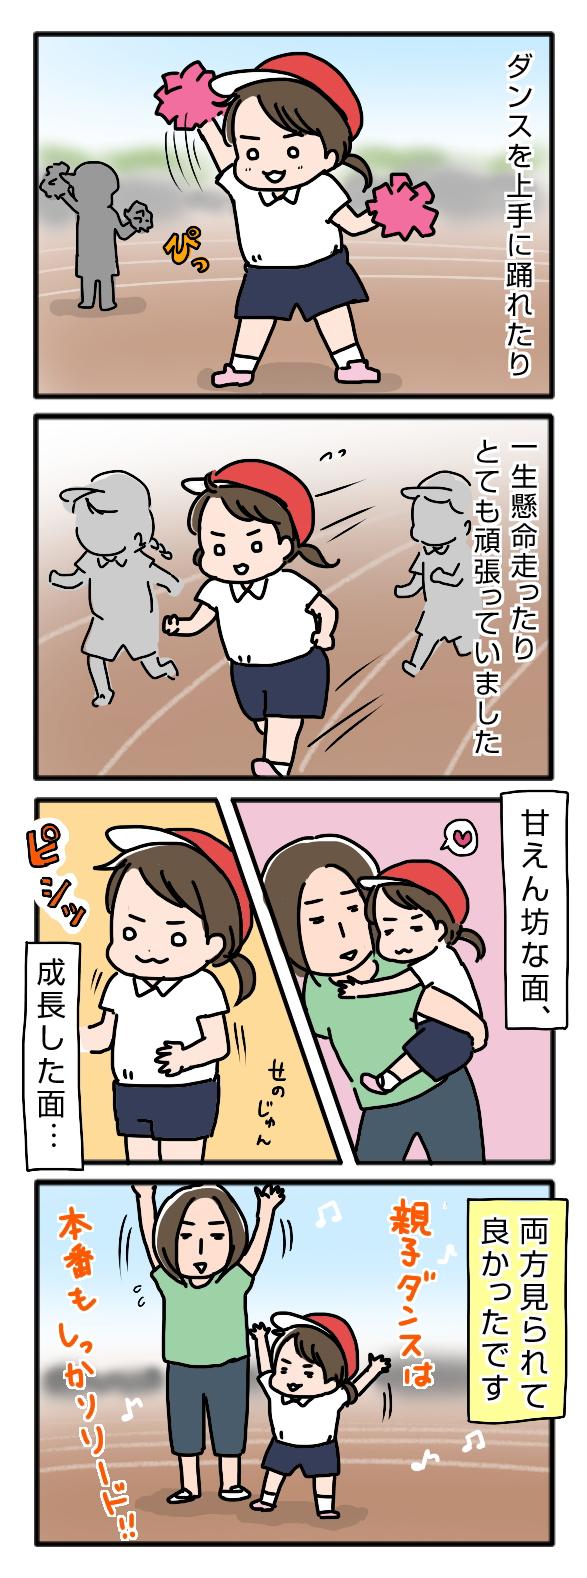 子どもの一生懸命さに感動!運動会を通して見れた、娘のいろいろな面 ~姉ちゃんは育児中 年少編16~の画像1